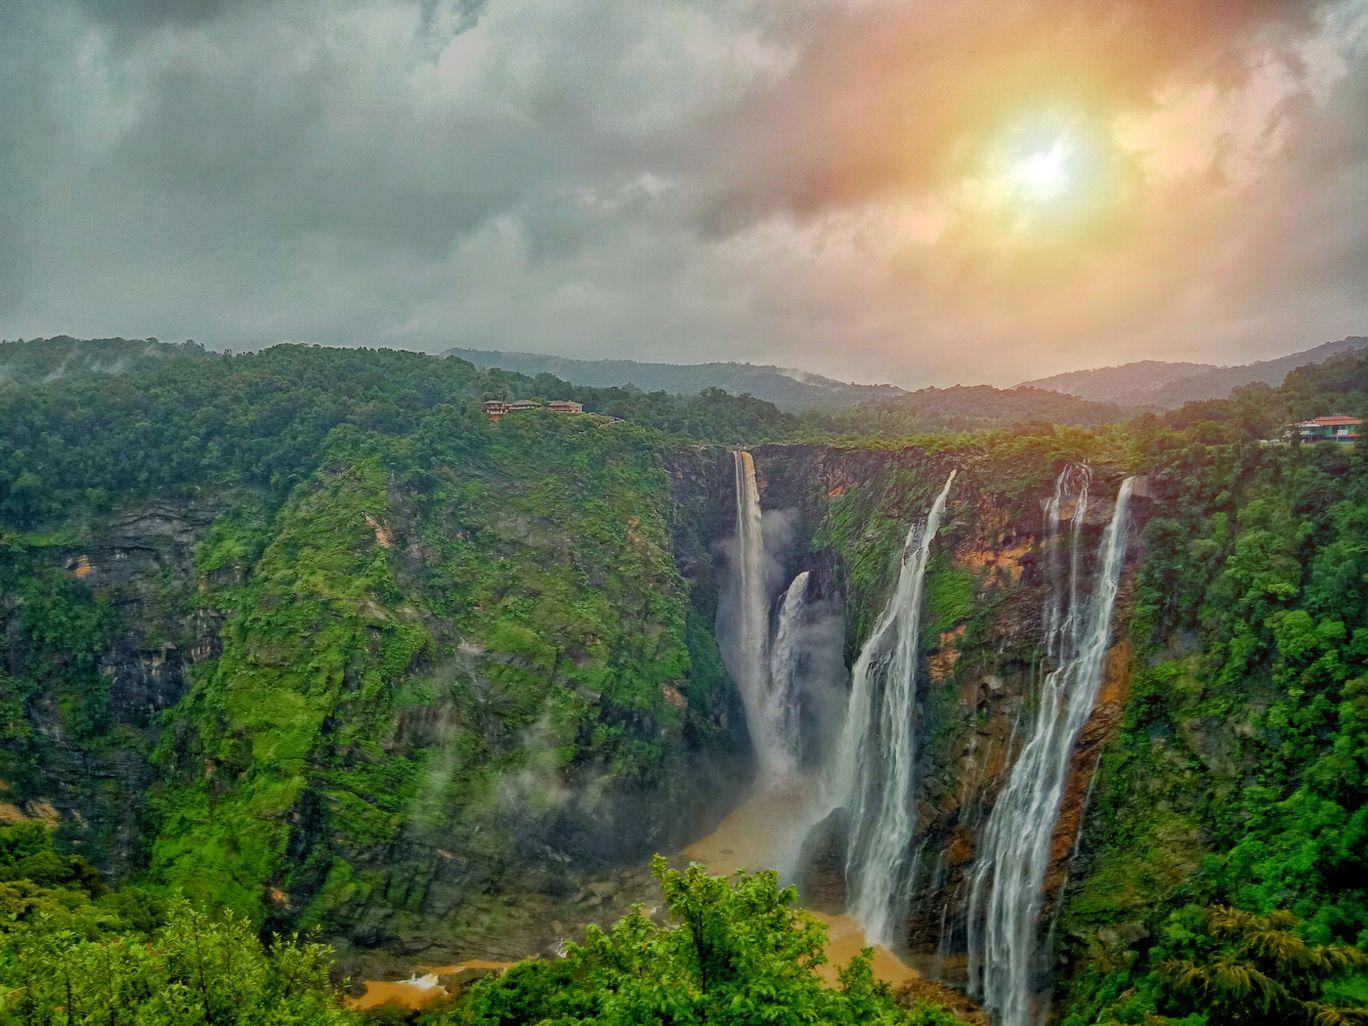 Photo of Jog Falls By Sreekanth Desai